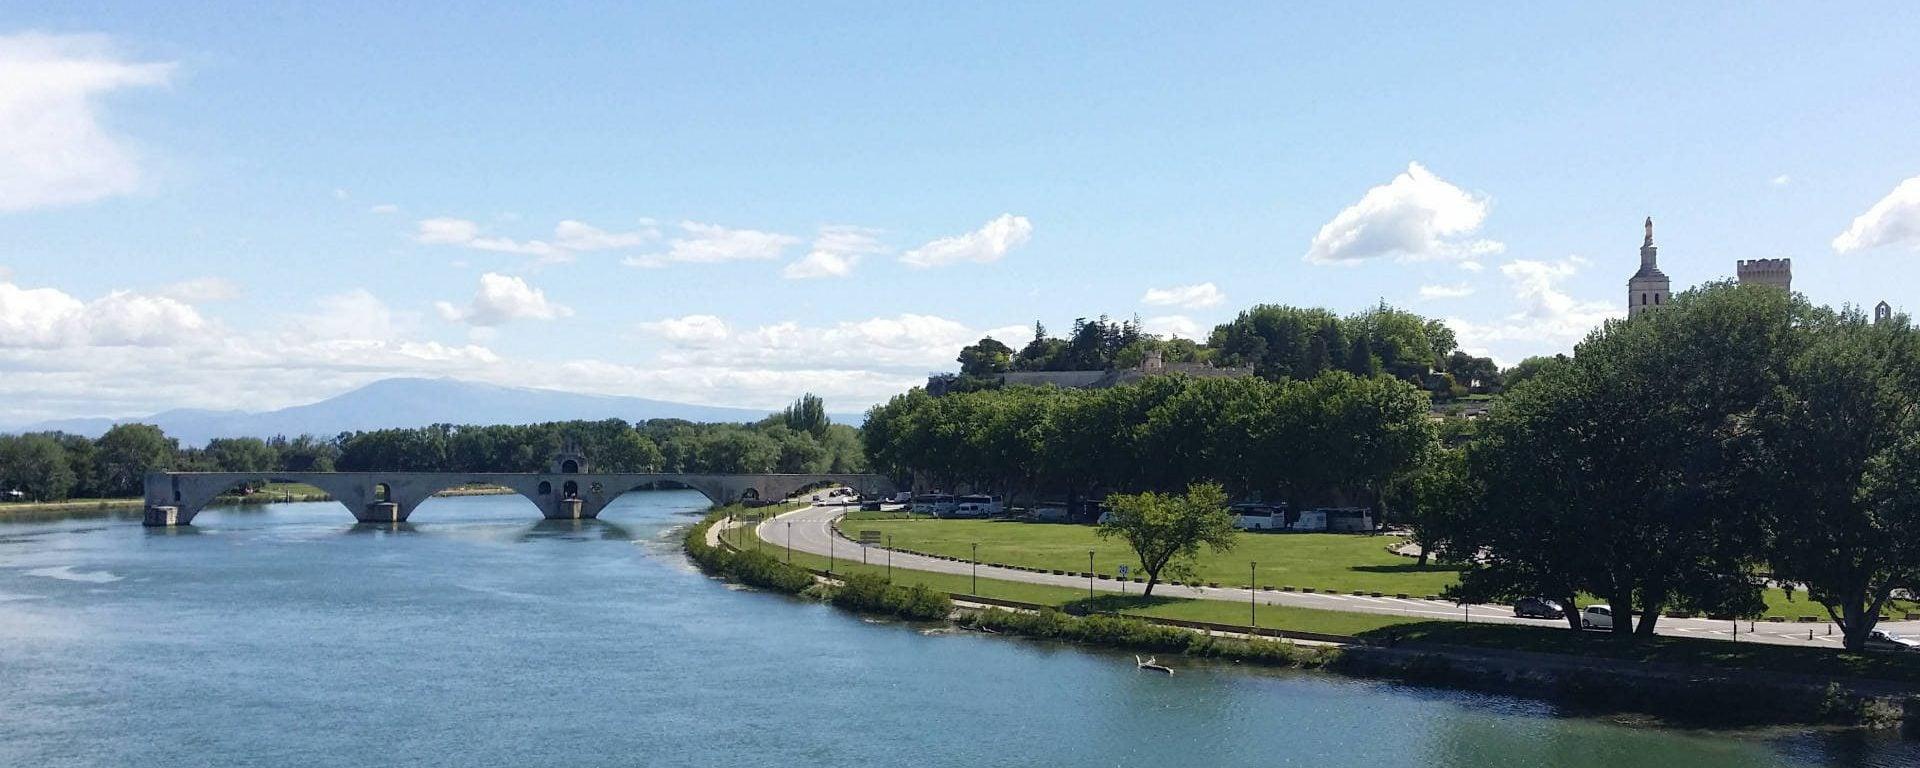 Fleuve Rhône sud